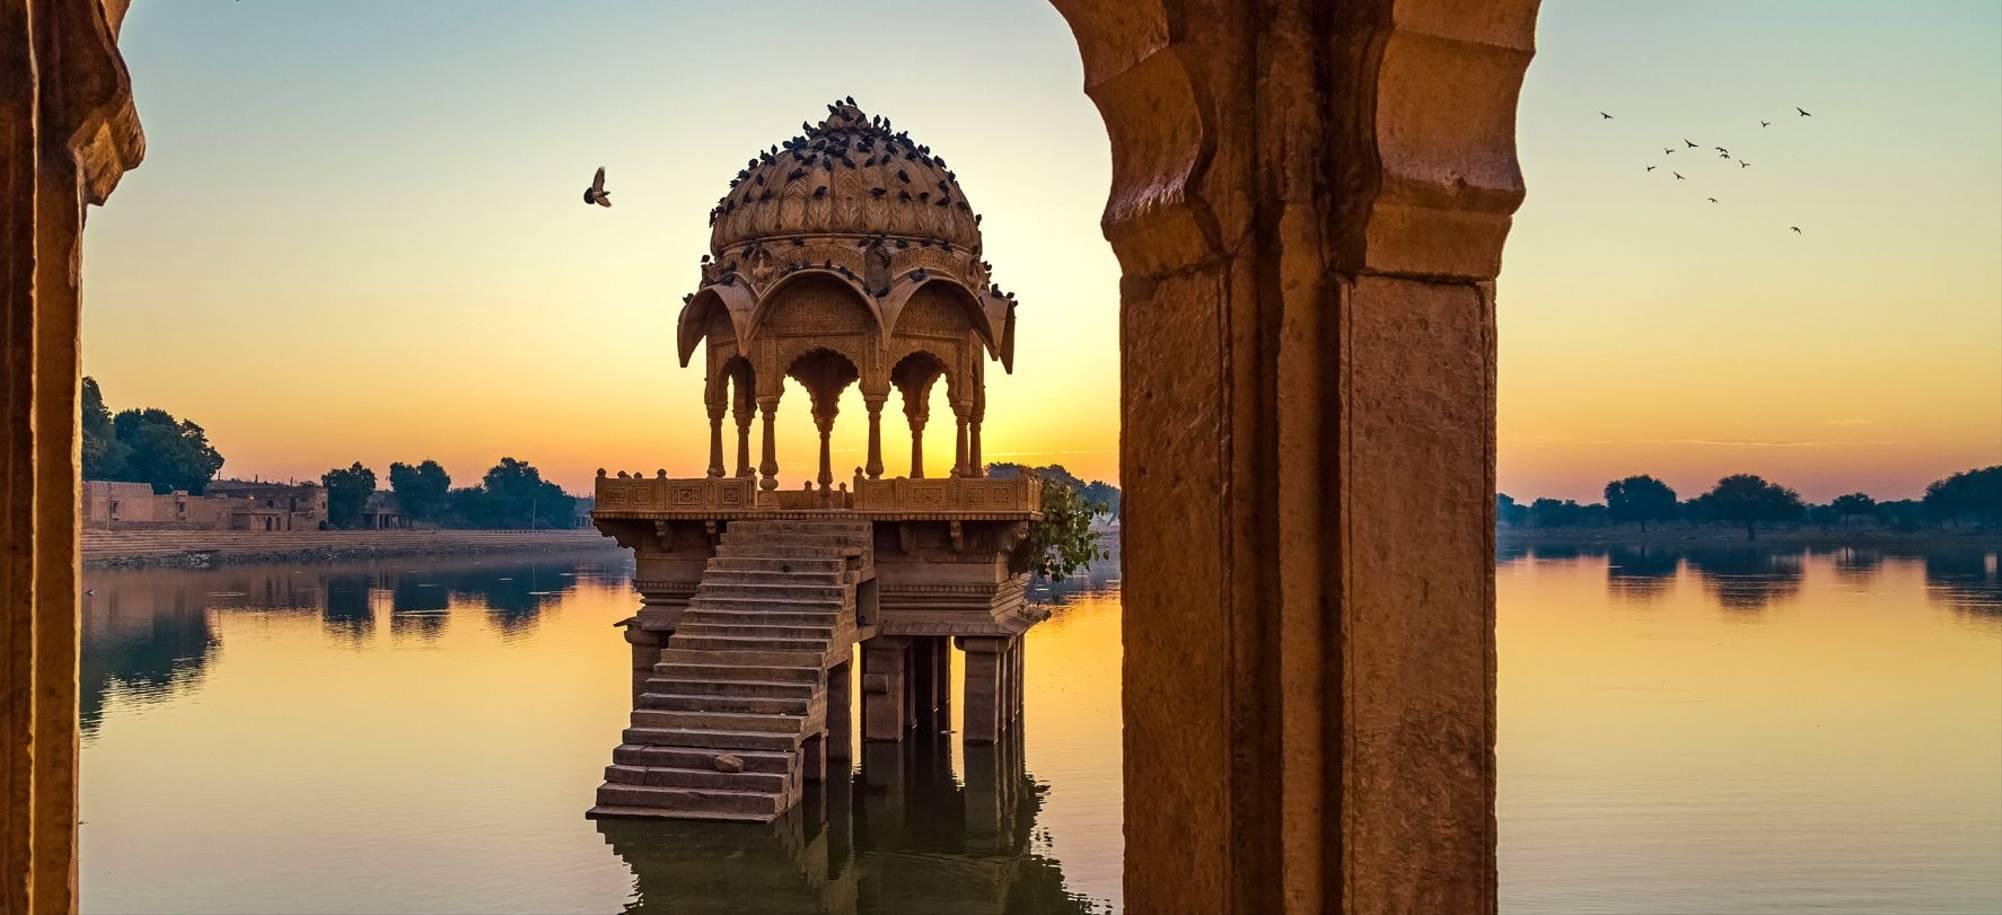 24 Day - Jaisalmer, Jaisalmer fort - Itinerary Desktop.jpg